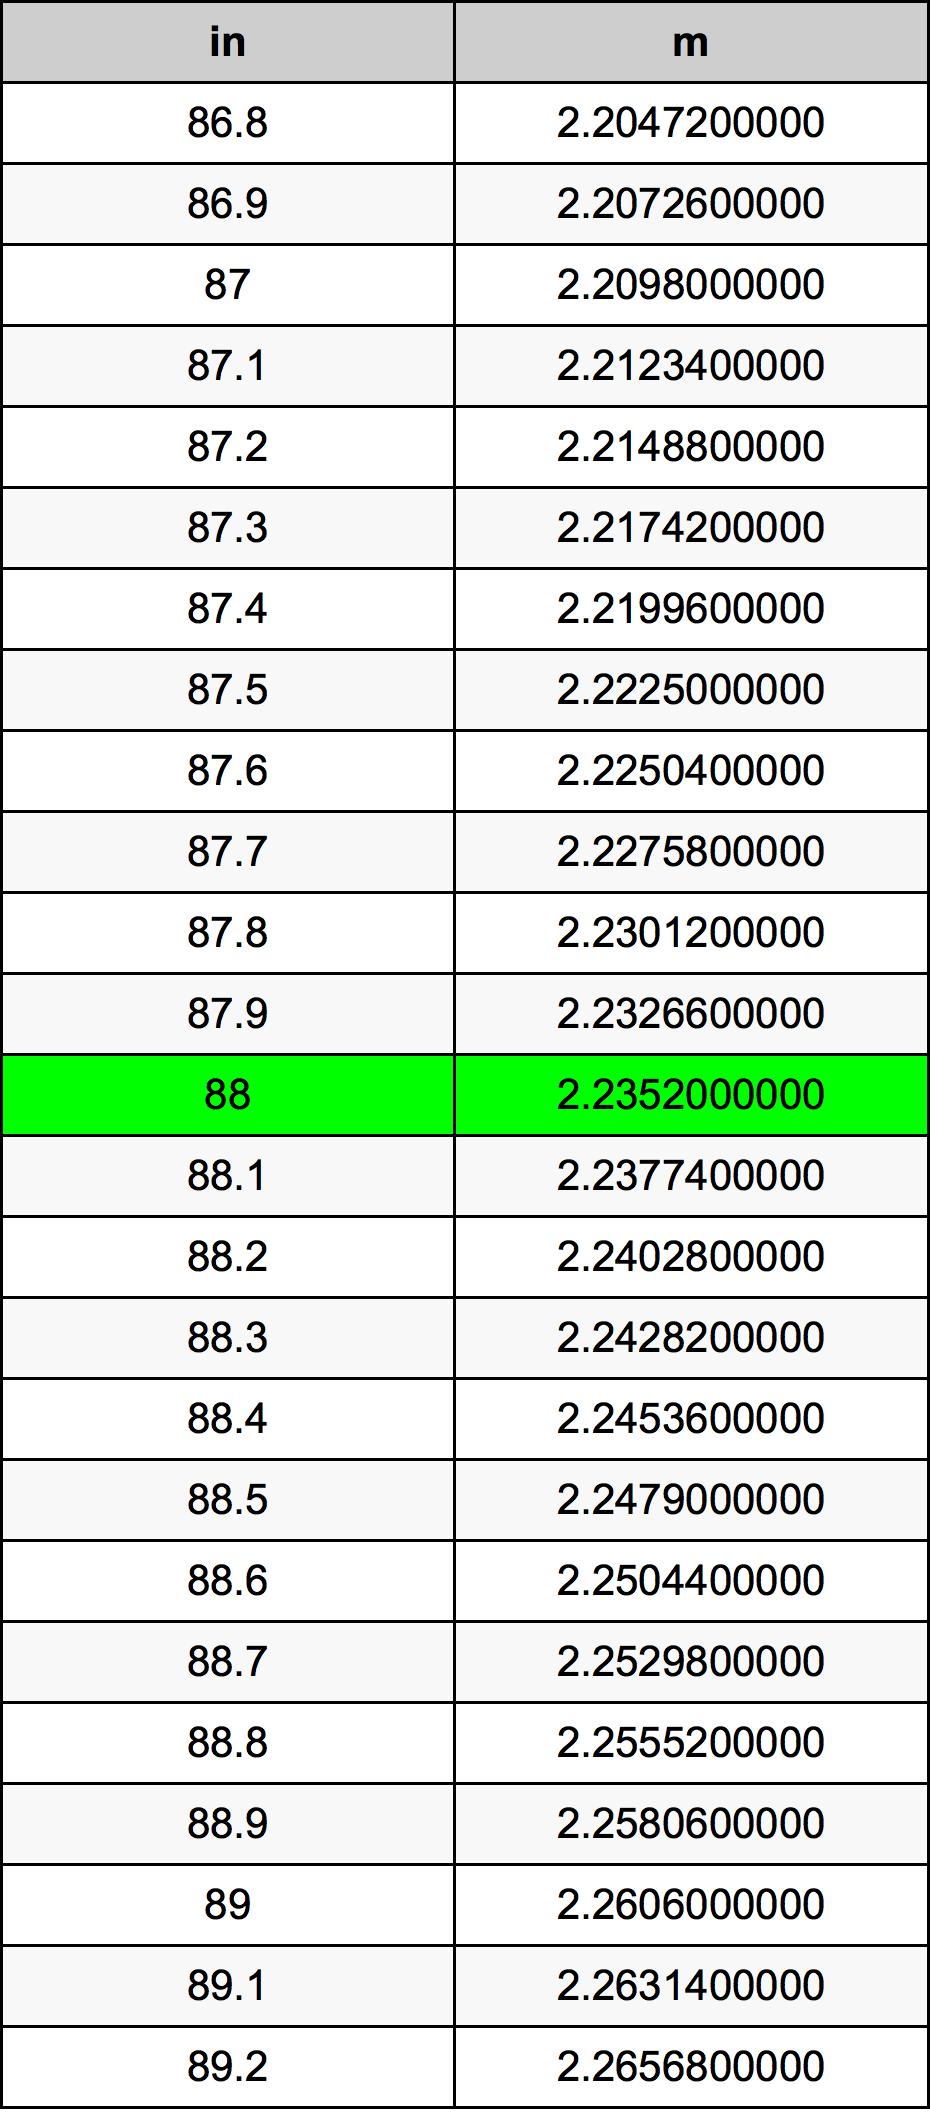 88 Colis konversijos lentelę